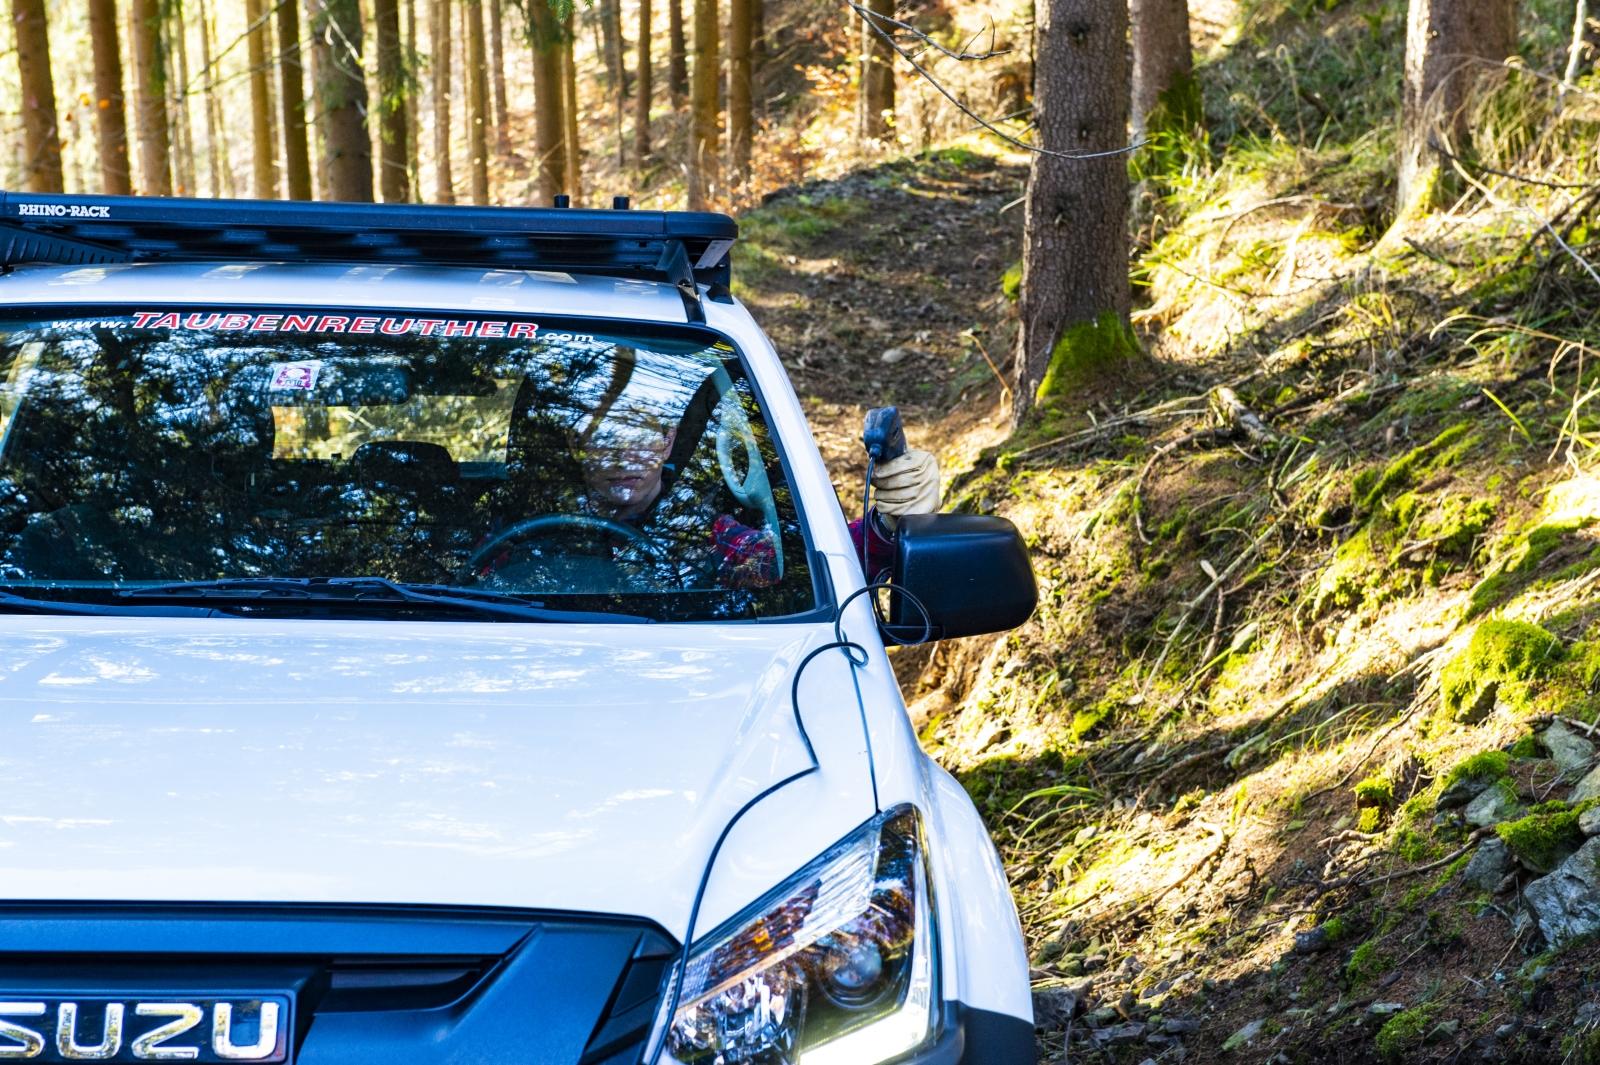 F Taubenreuther Isuzu D-MAX - Vom sicheren Platz aus die Fernbedienung nutzen.